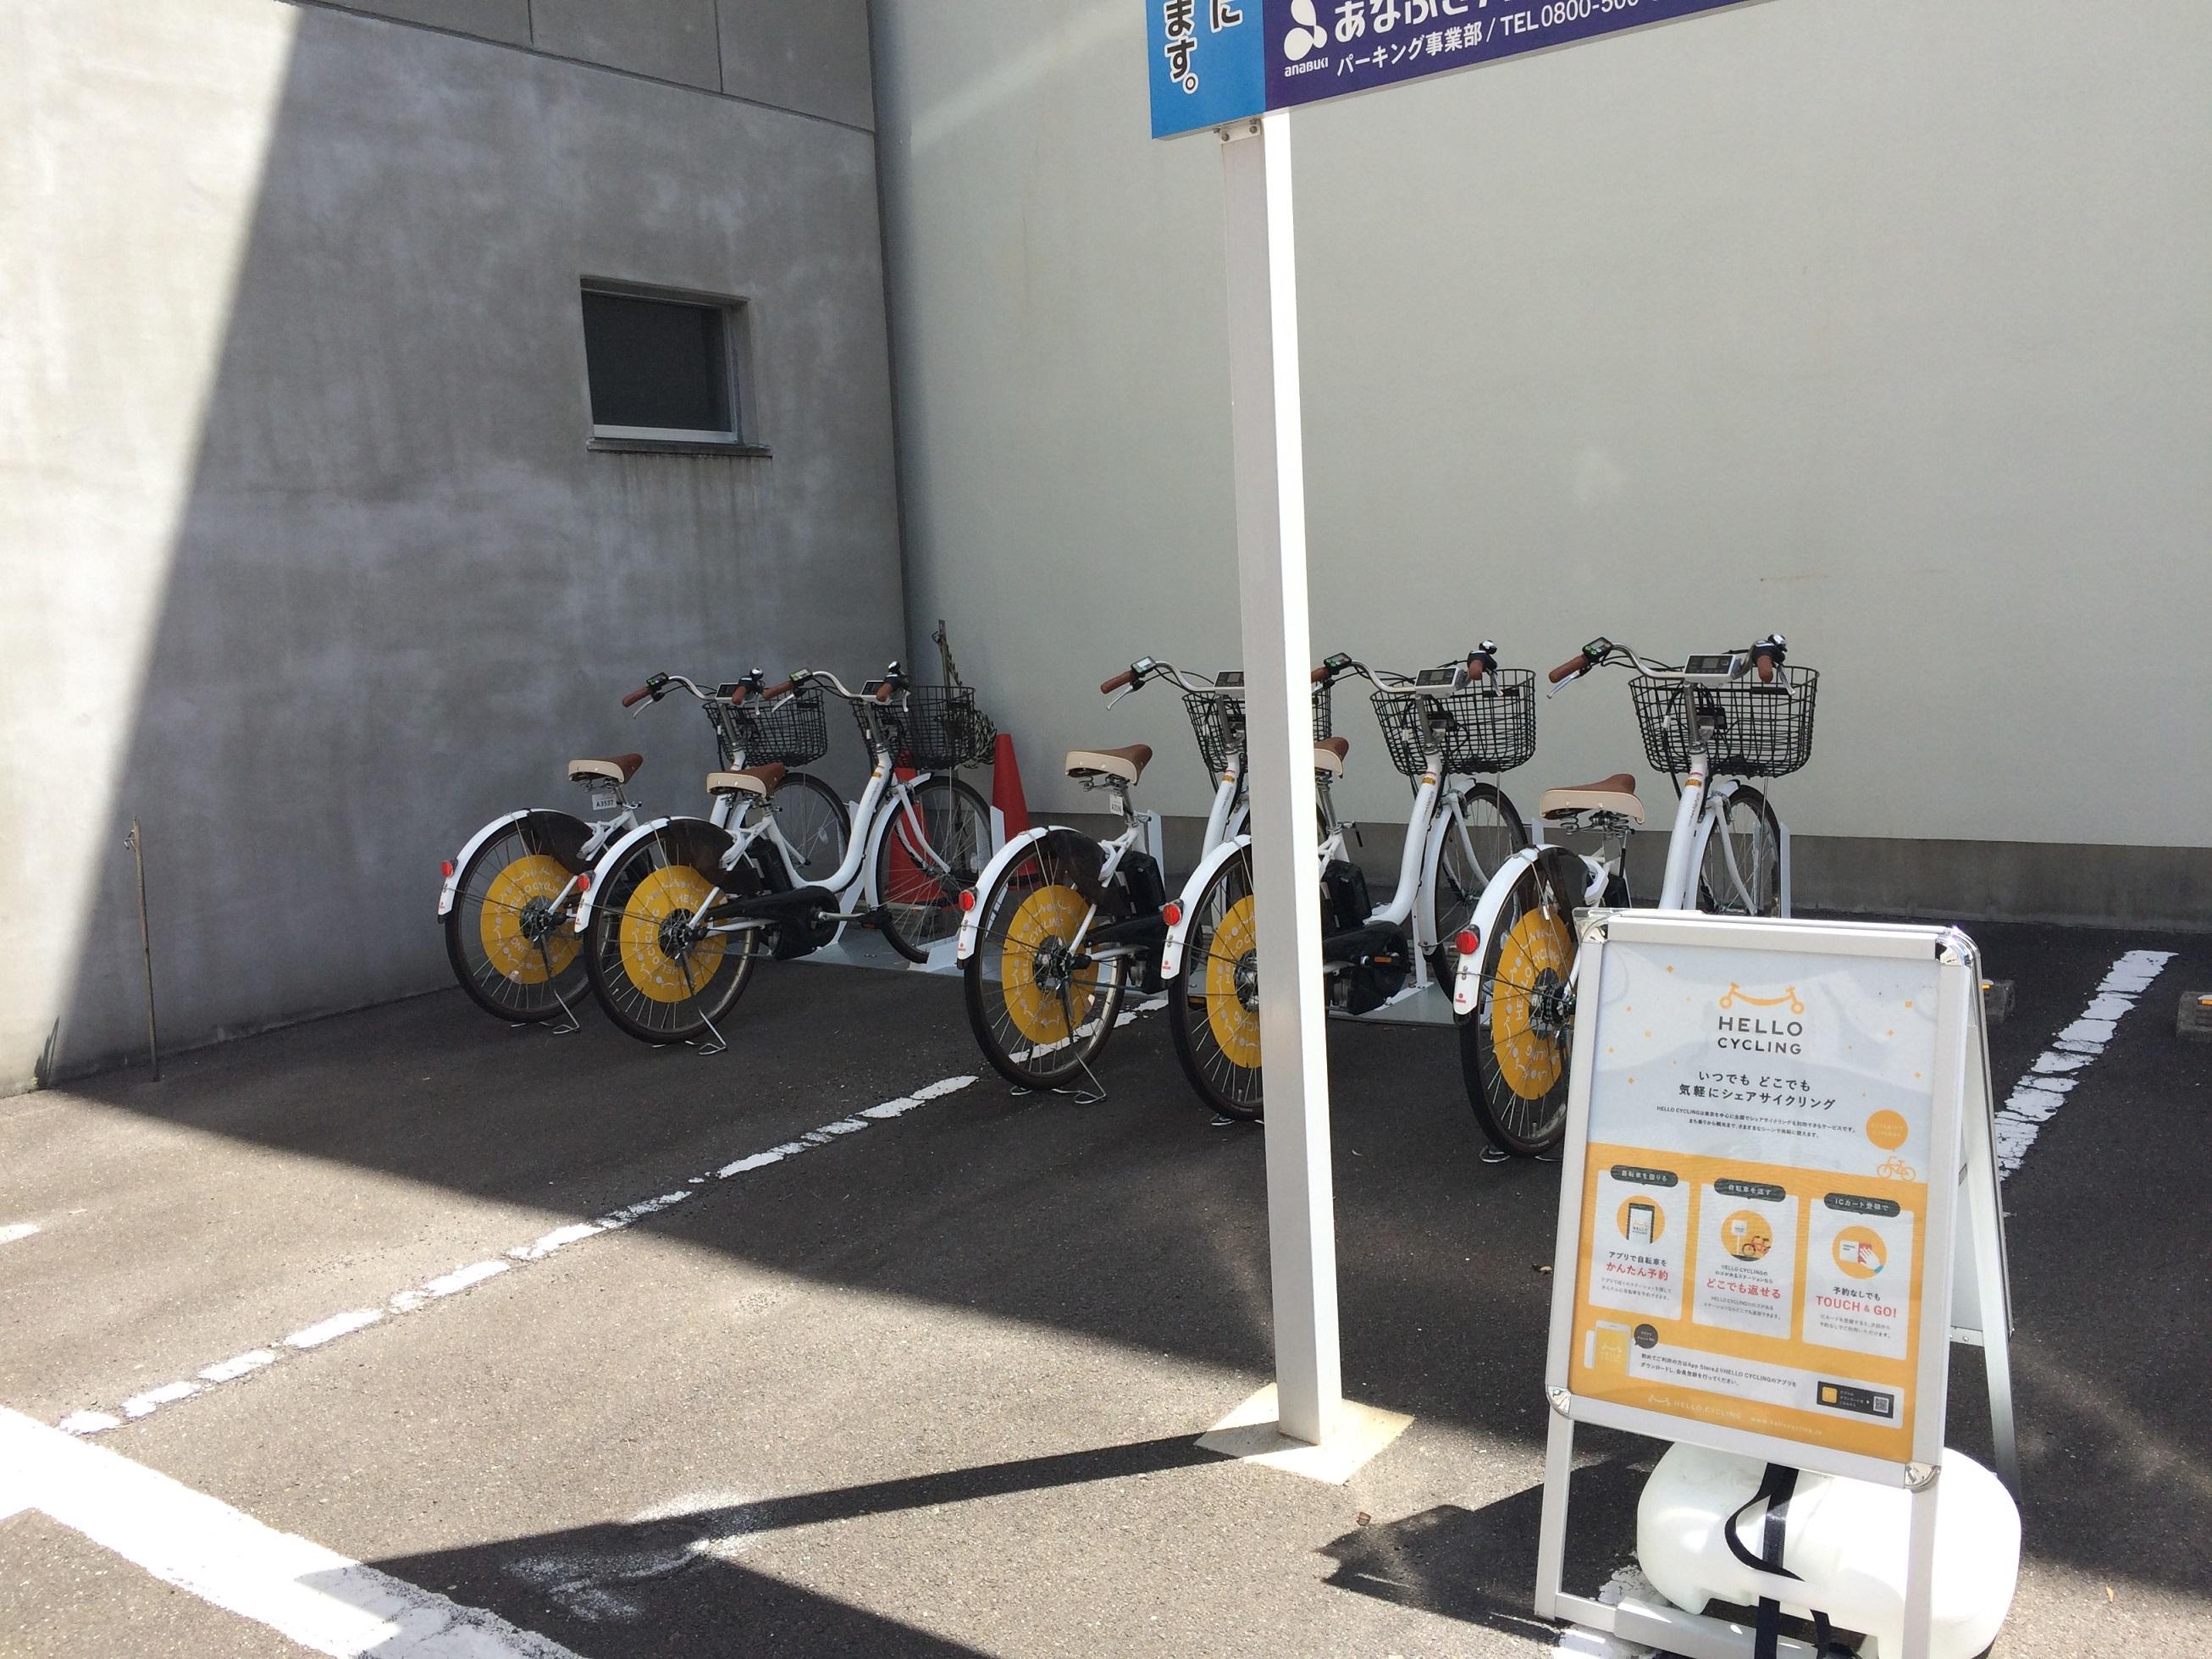 高松国税局南側(あなぶき天神前第2パーキング) (HELLO CYCLING ポート) image